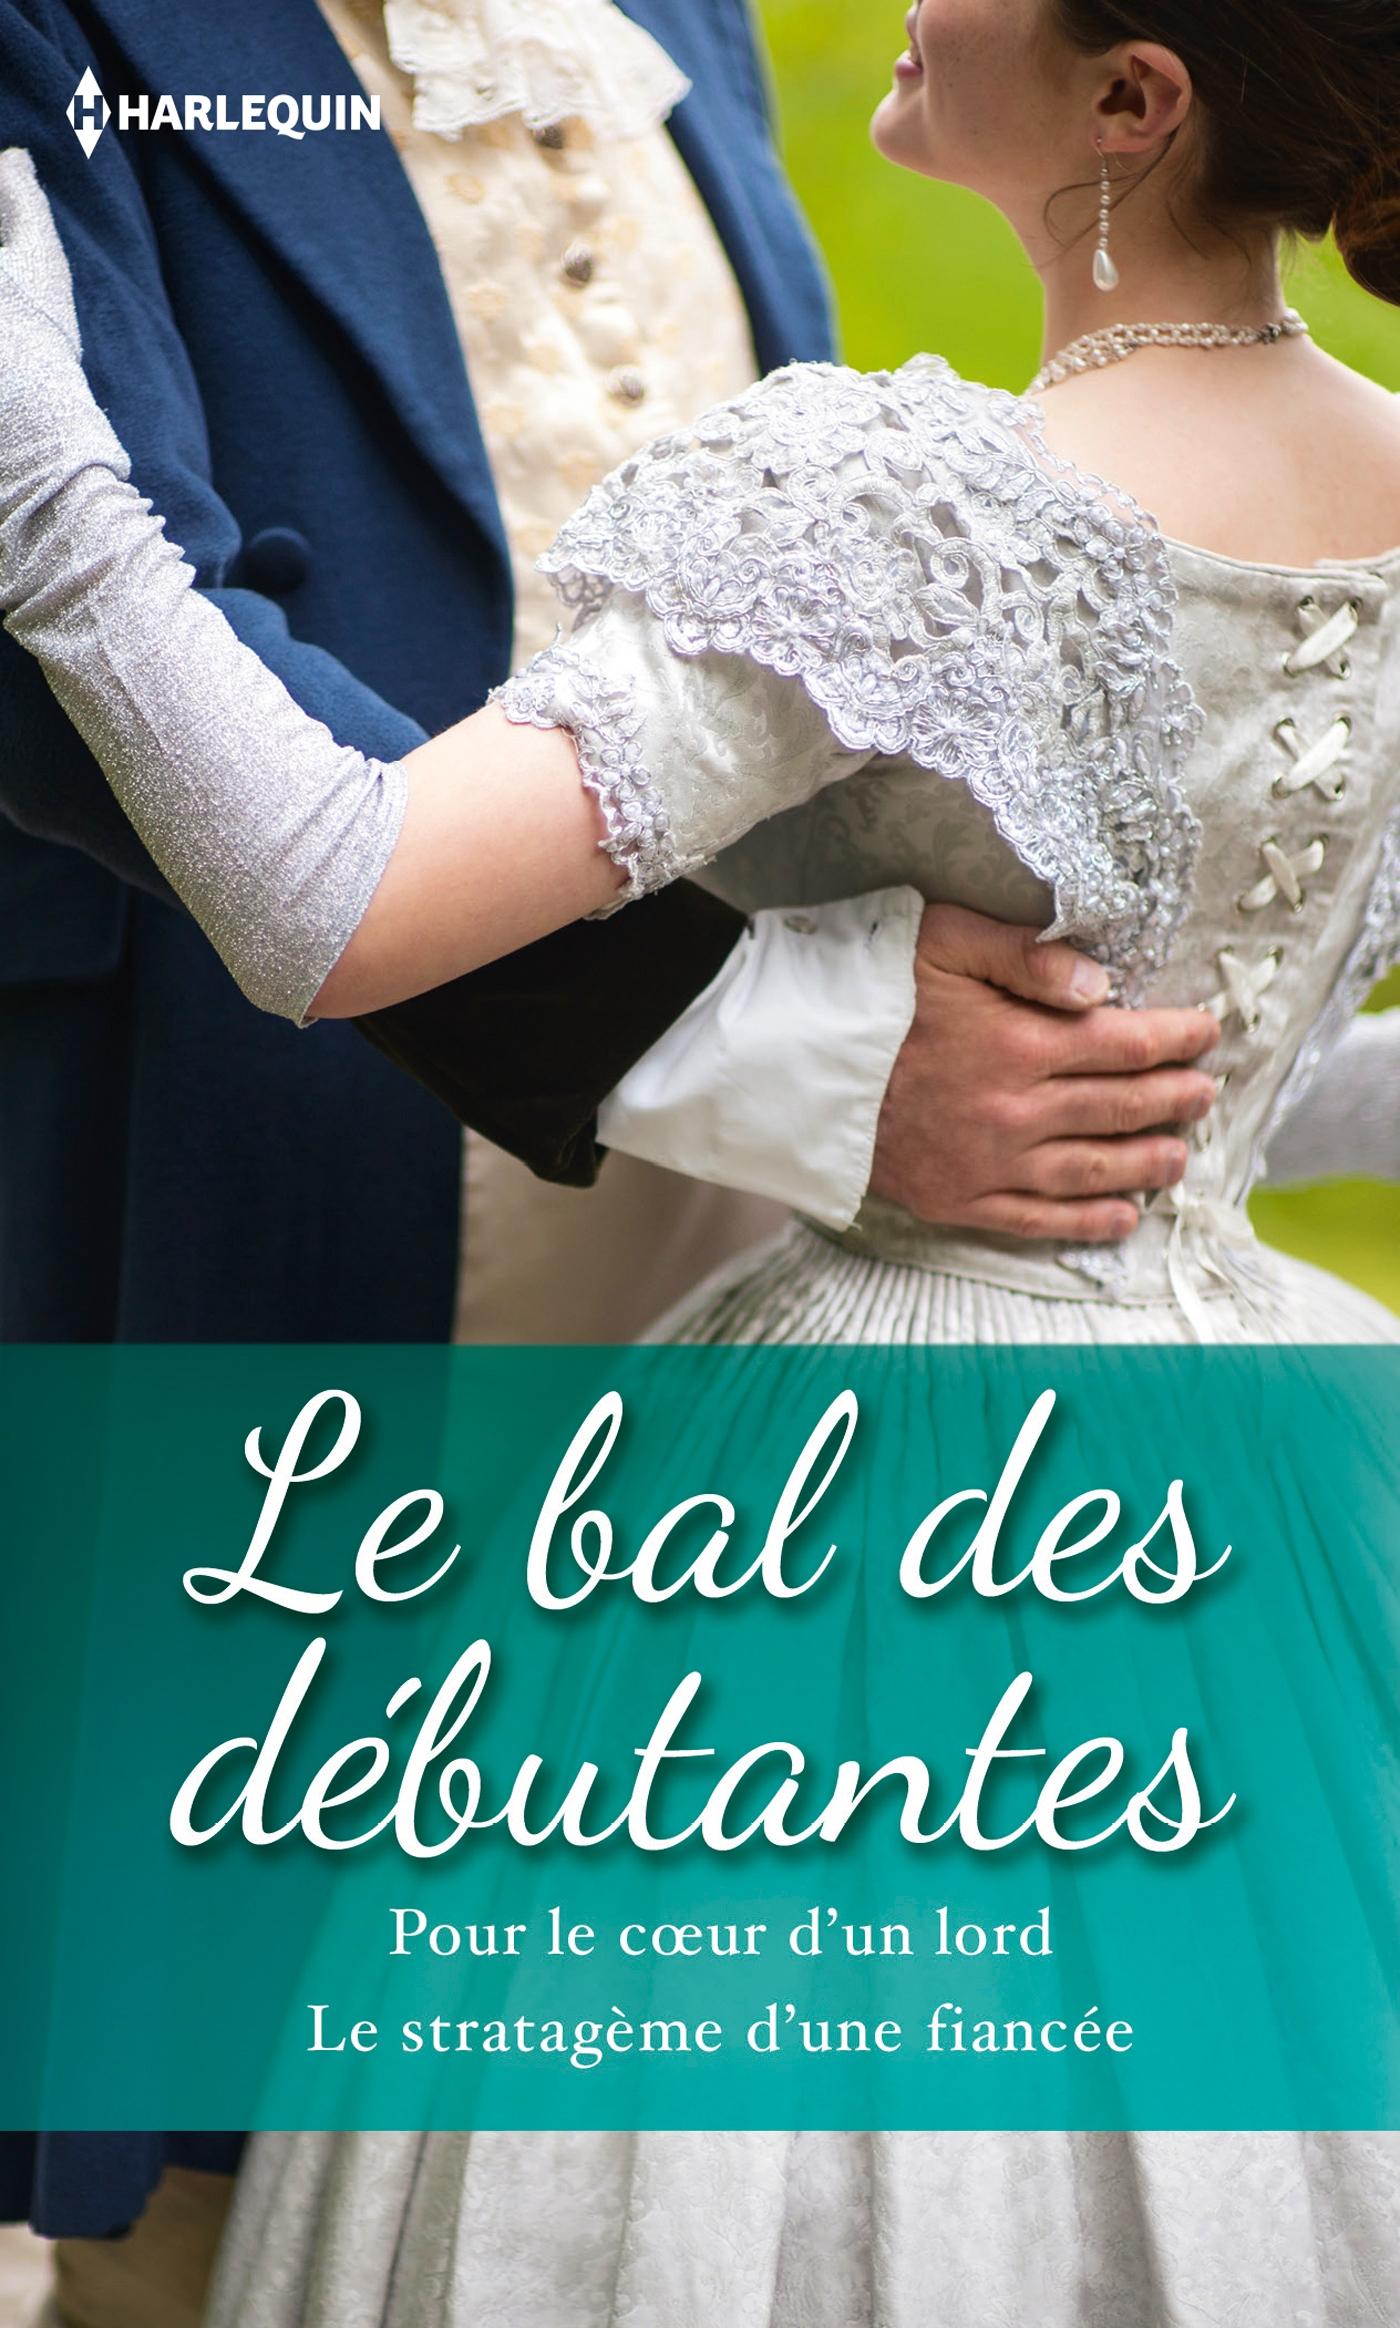 Harlequin le bal des d butantes 2 romans - Coup de coeur nora roberts ...